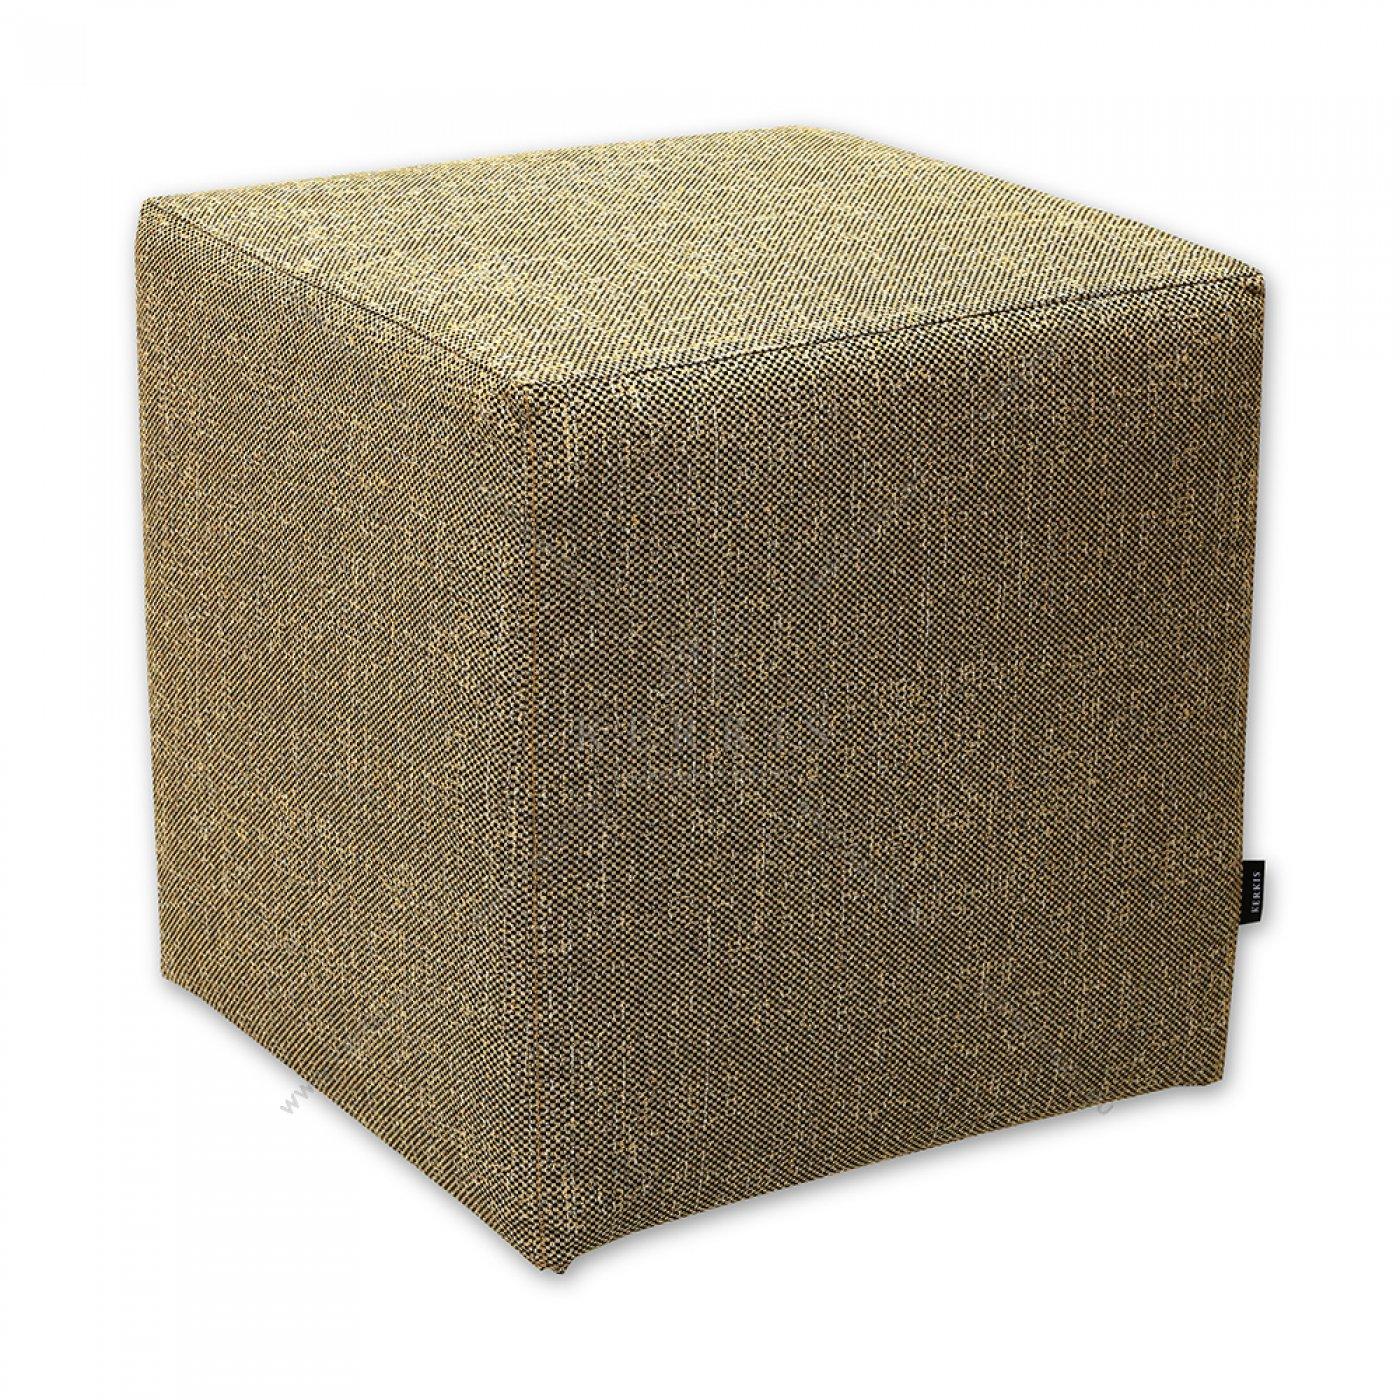 Σκαμπό κύβος από την Kerkis Tailormade Comfort με ύφασμα κίτρινο - ώχρα, κάλυμμα που αφαιρείται εύκολα για πλύσιμο ή αλλαγή.